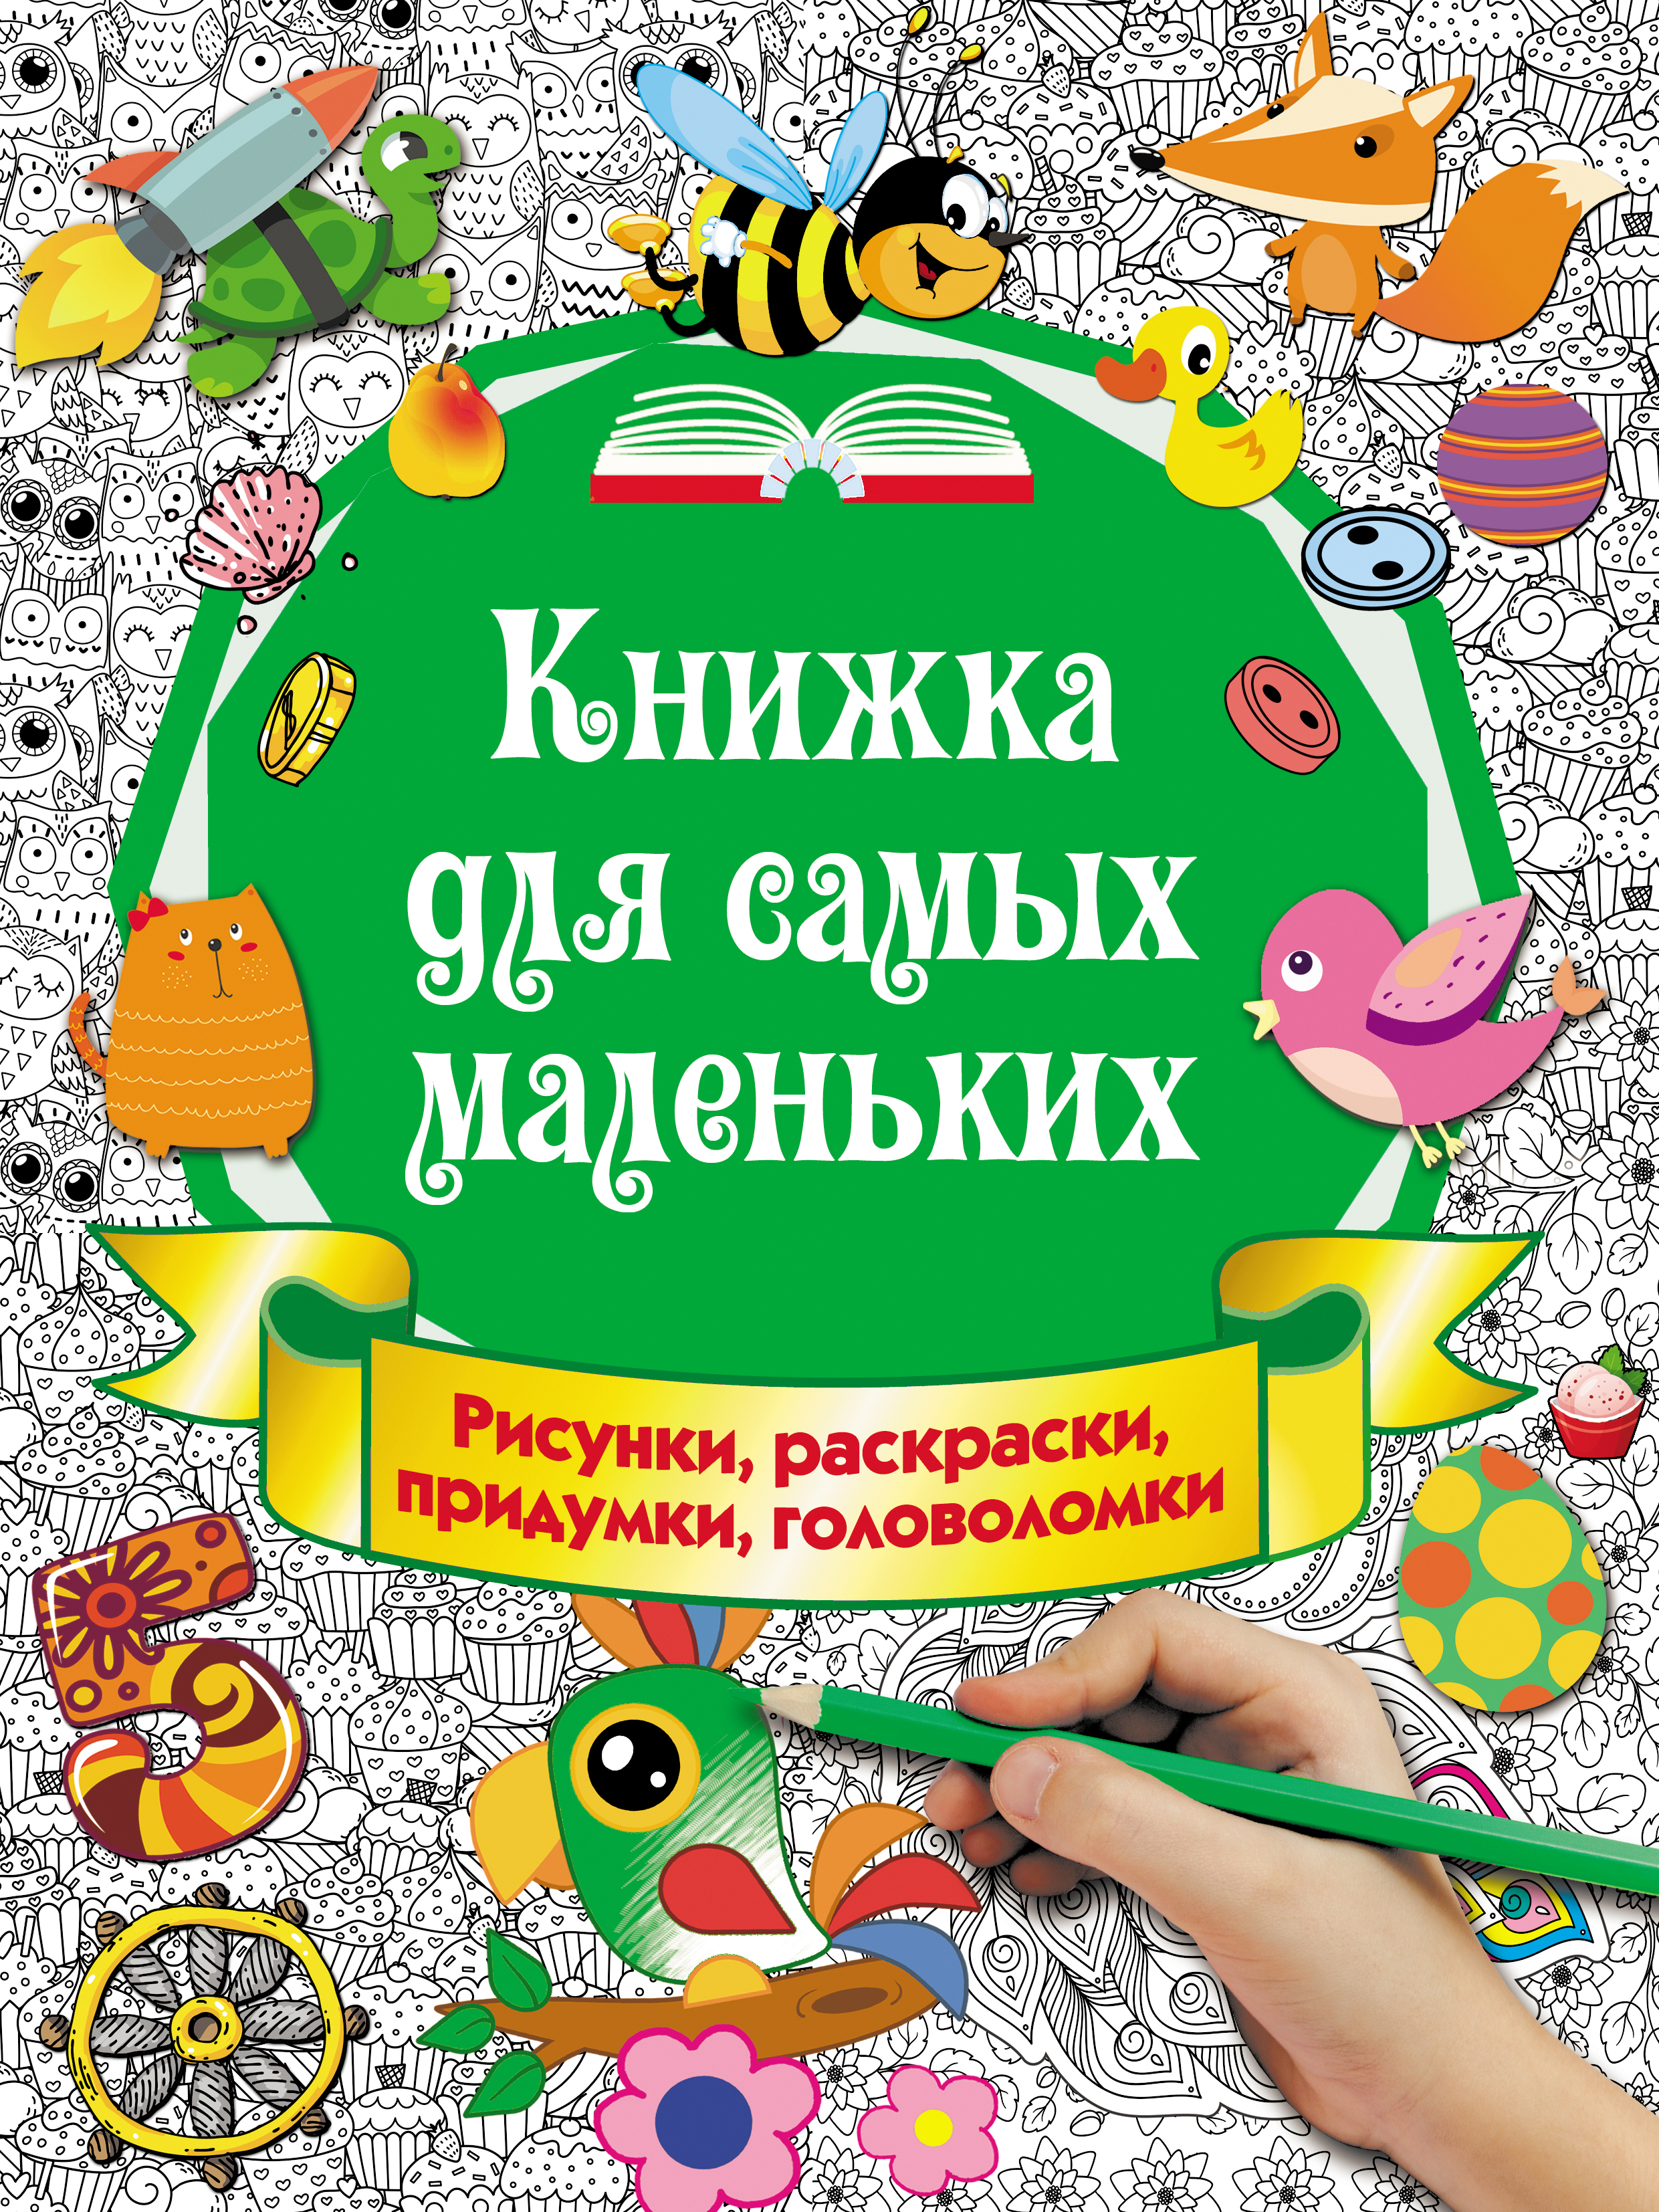 Ирина Горбунова Книжка для самых маленьких. Рисунки, раскраски, придумки, головоломки